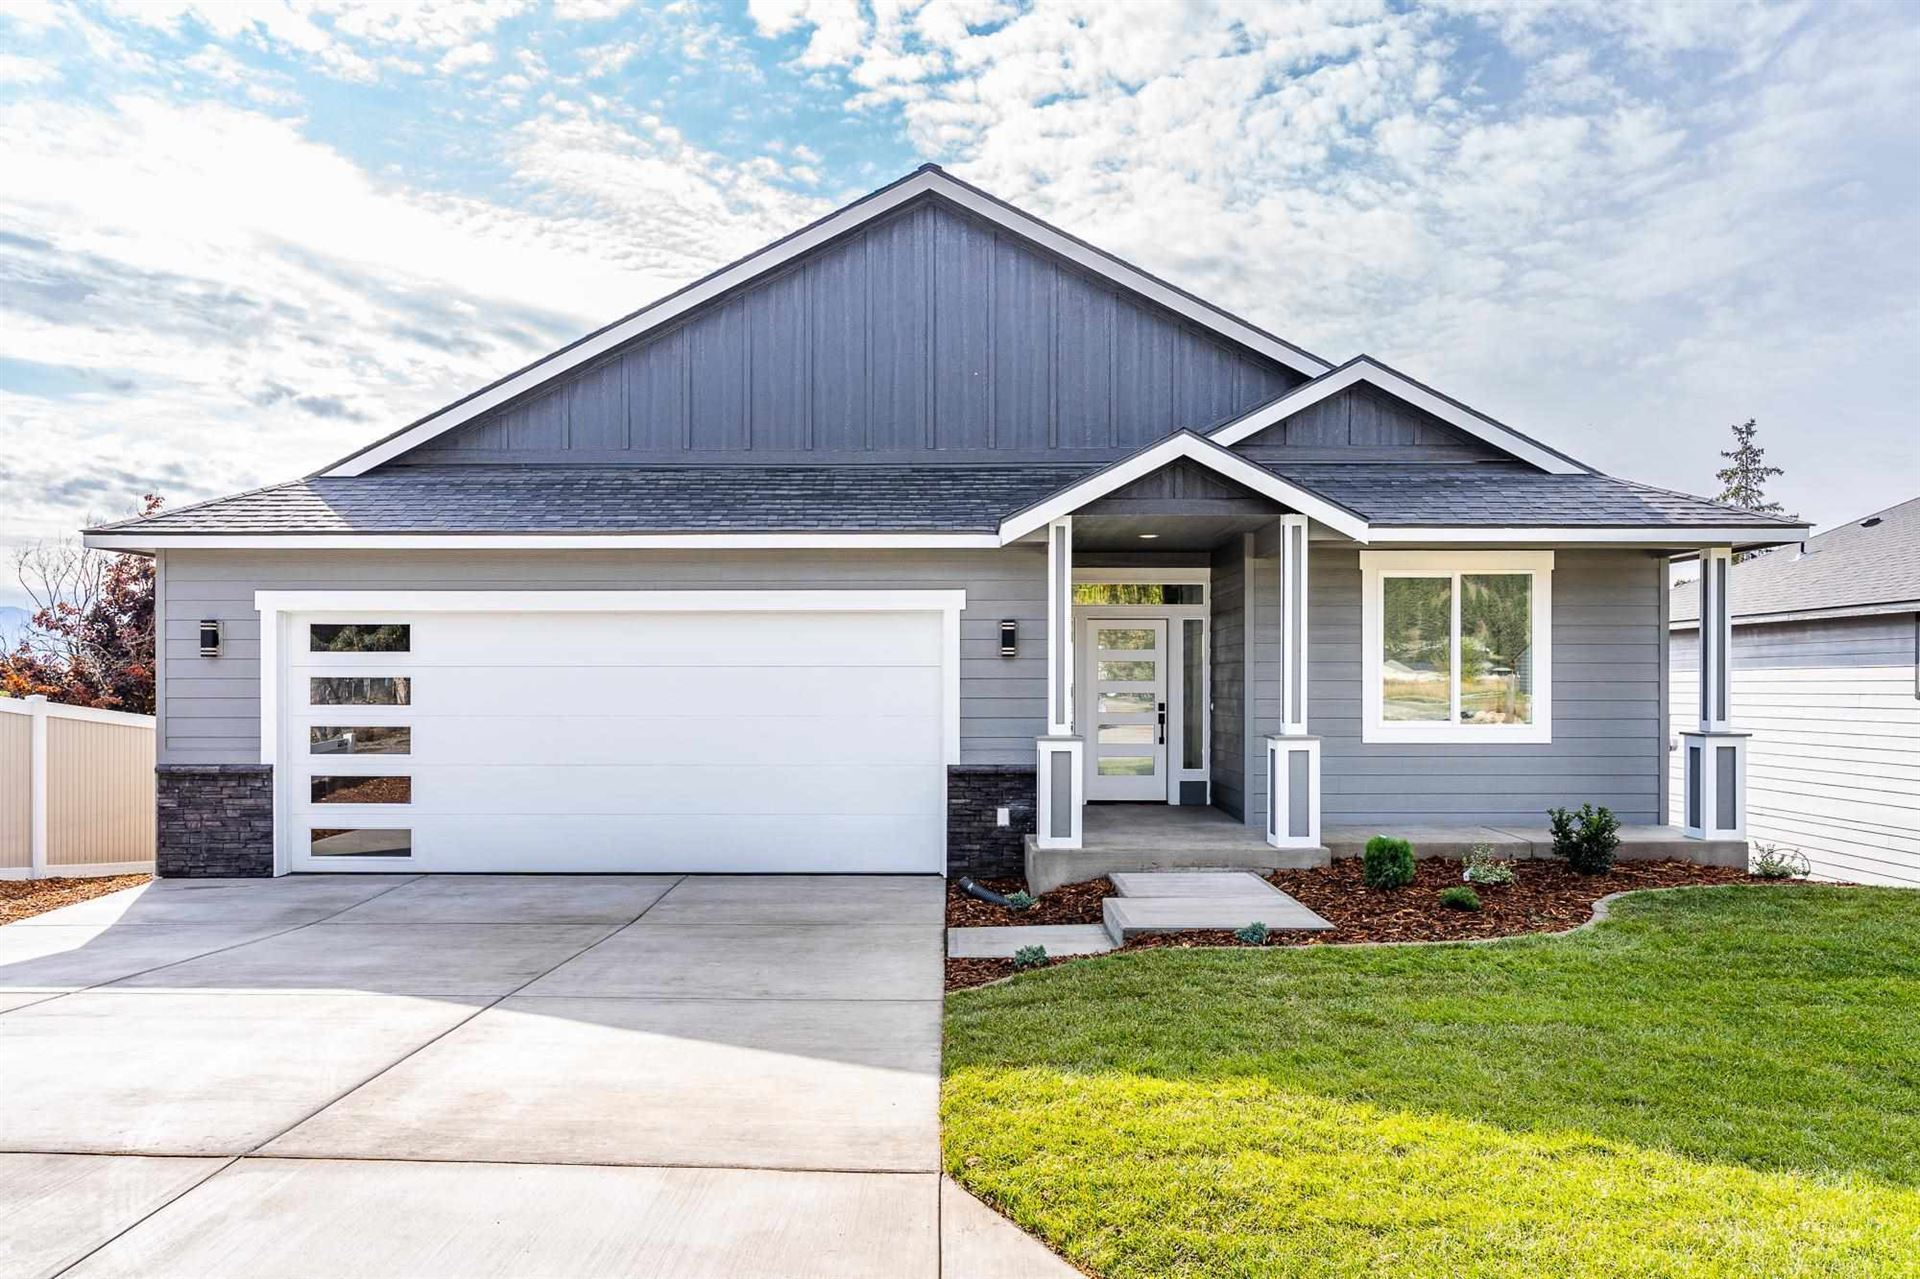 12928 E Wellesley Ave, Spokane Valley, WA 99216 - #: 202123695